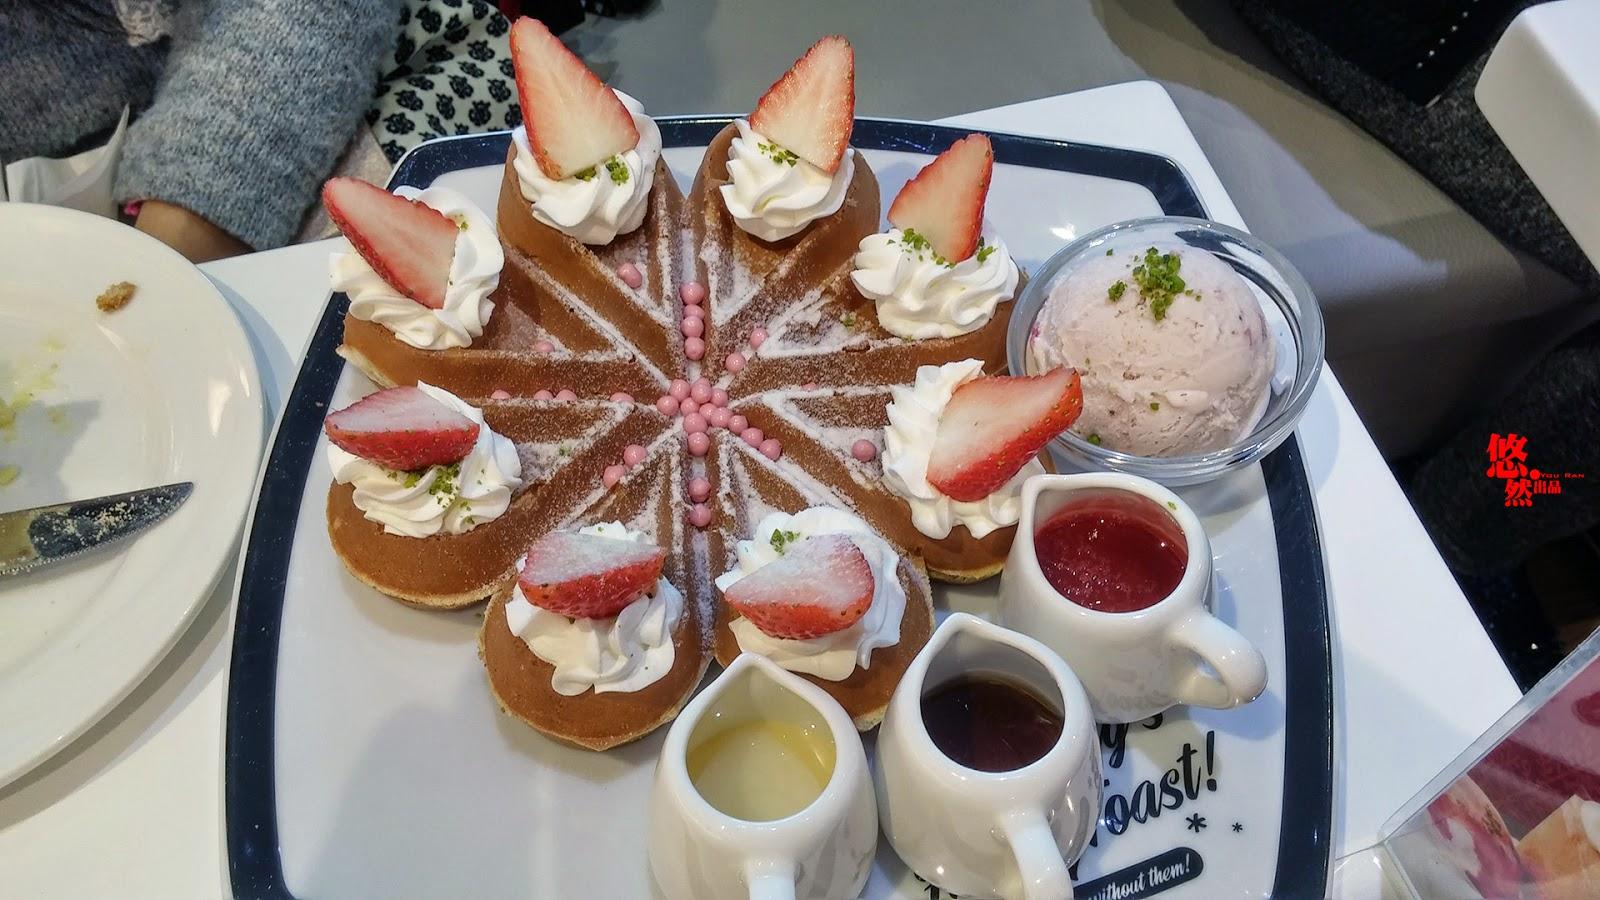 草莓繽紛冰淇淋鬆餅